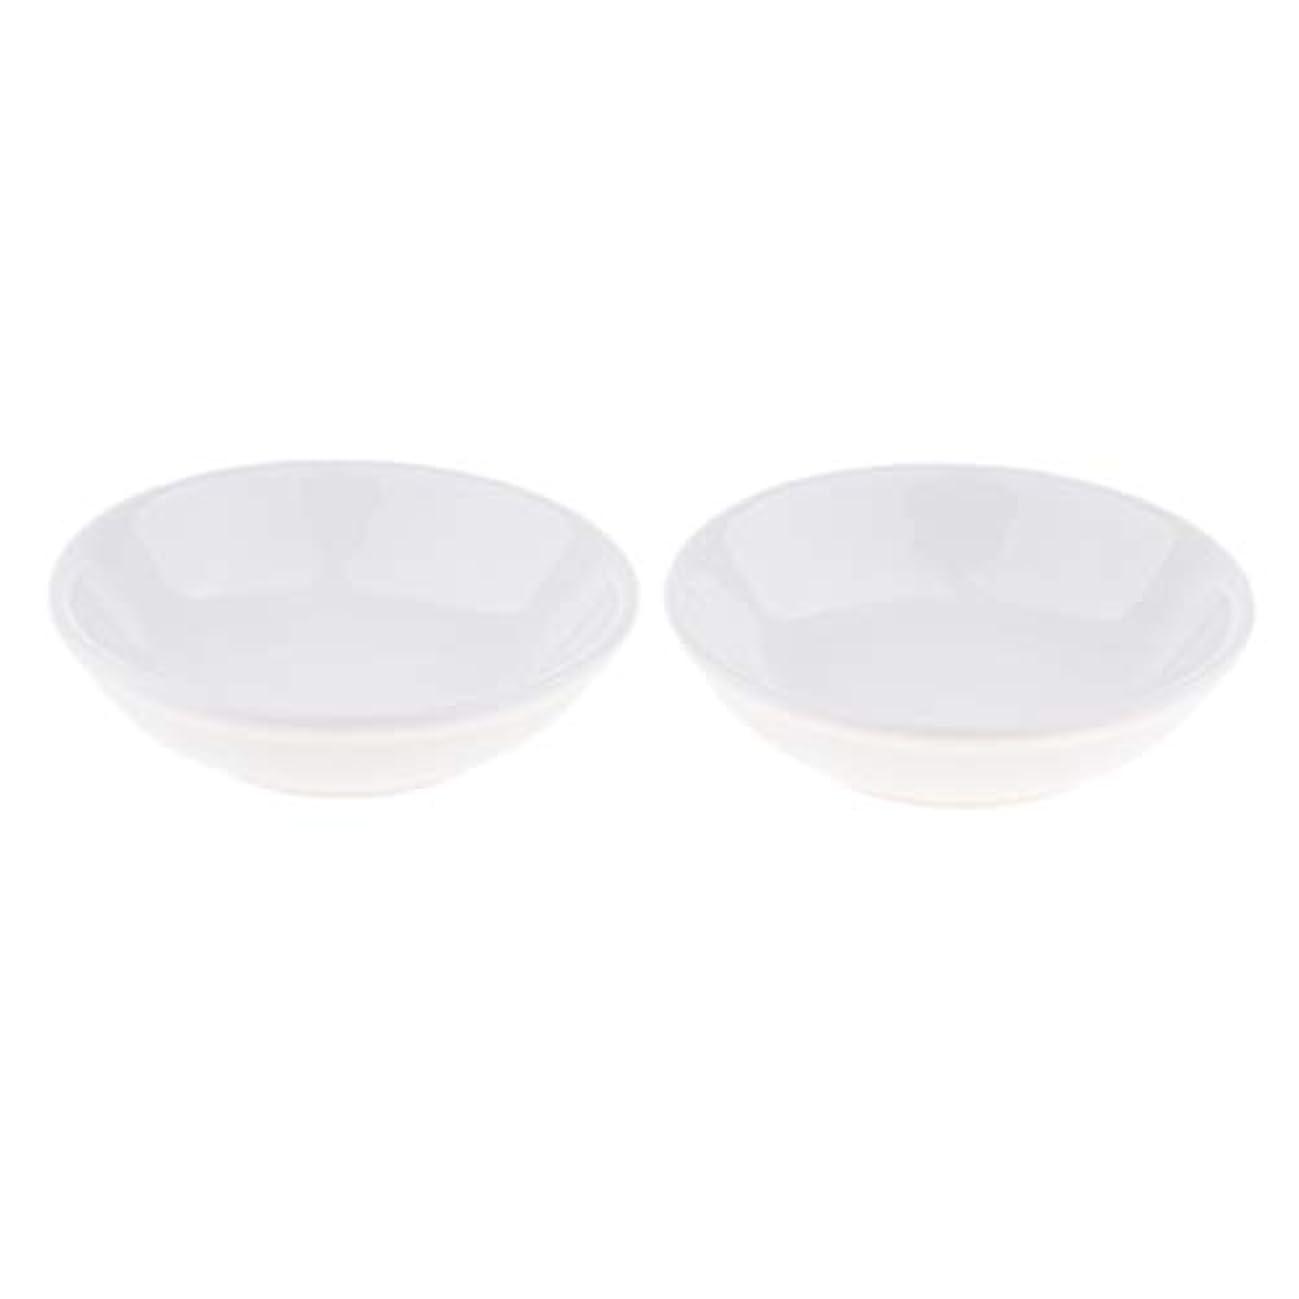 クレジット公平発明する2個 交換用ディッシュ 皿 取り替え皿 セラミック 円形 オイルウォーマー 白